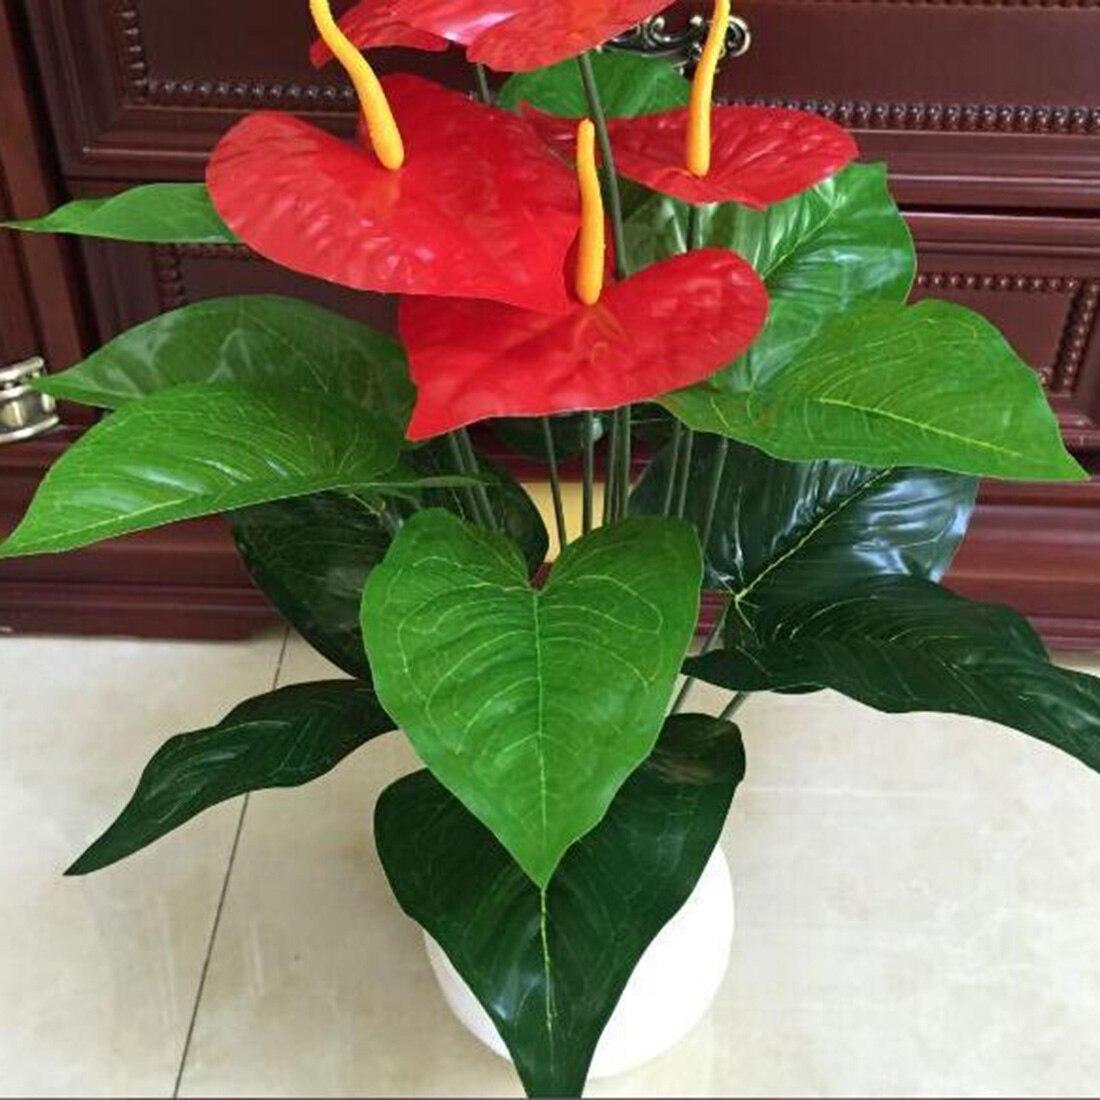 Новый искусственный цветок с 18 головками, маленький в горшках, костюм из шелка, большой Антуриум в горшке, офисное украшение, бонсай, оптовая продажа